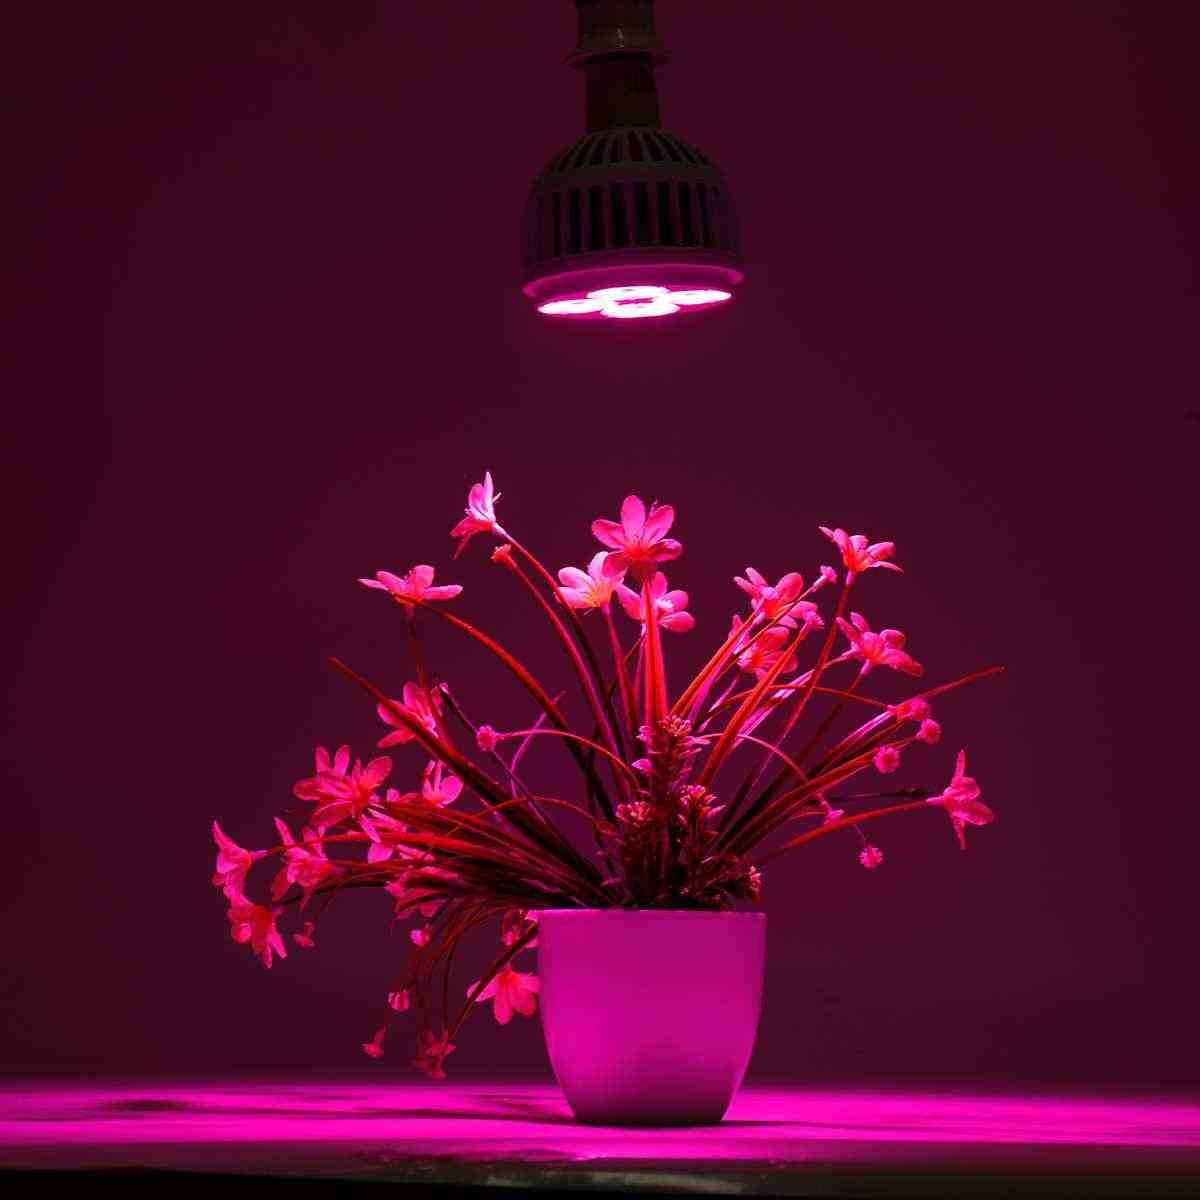 25 Вт полный спектр растений с/х Светодиодная лампа лампы освещение для семян гидро Цветочная теплица Veg Крытый сад E27 phyto growbox